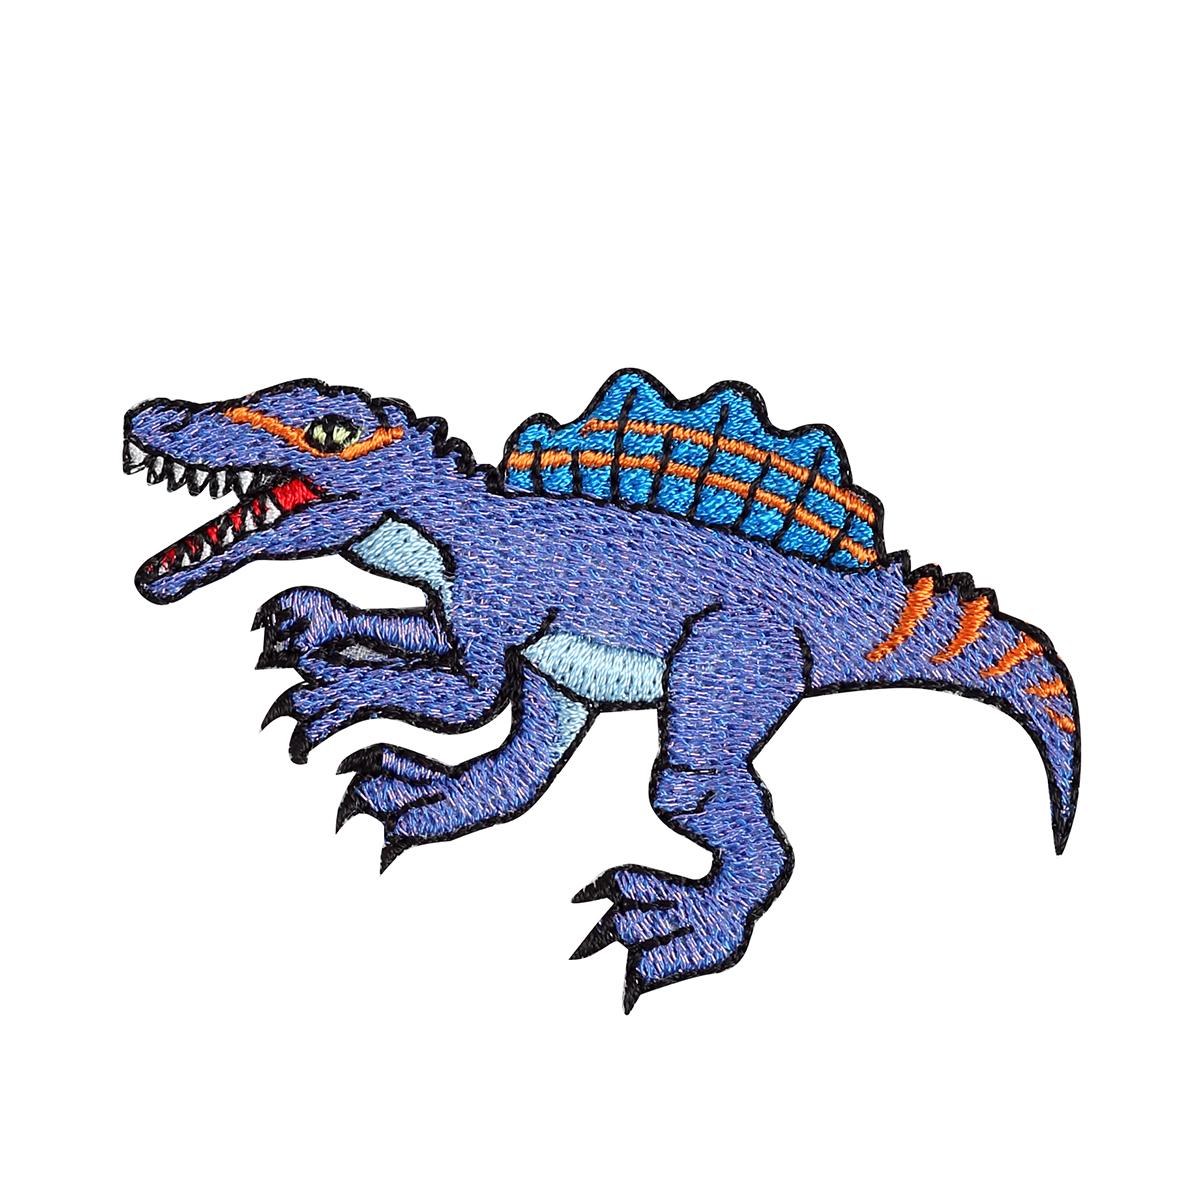 KYWS-1002/ワッペン/スピノサウルス/【ゆうパケット可】